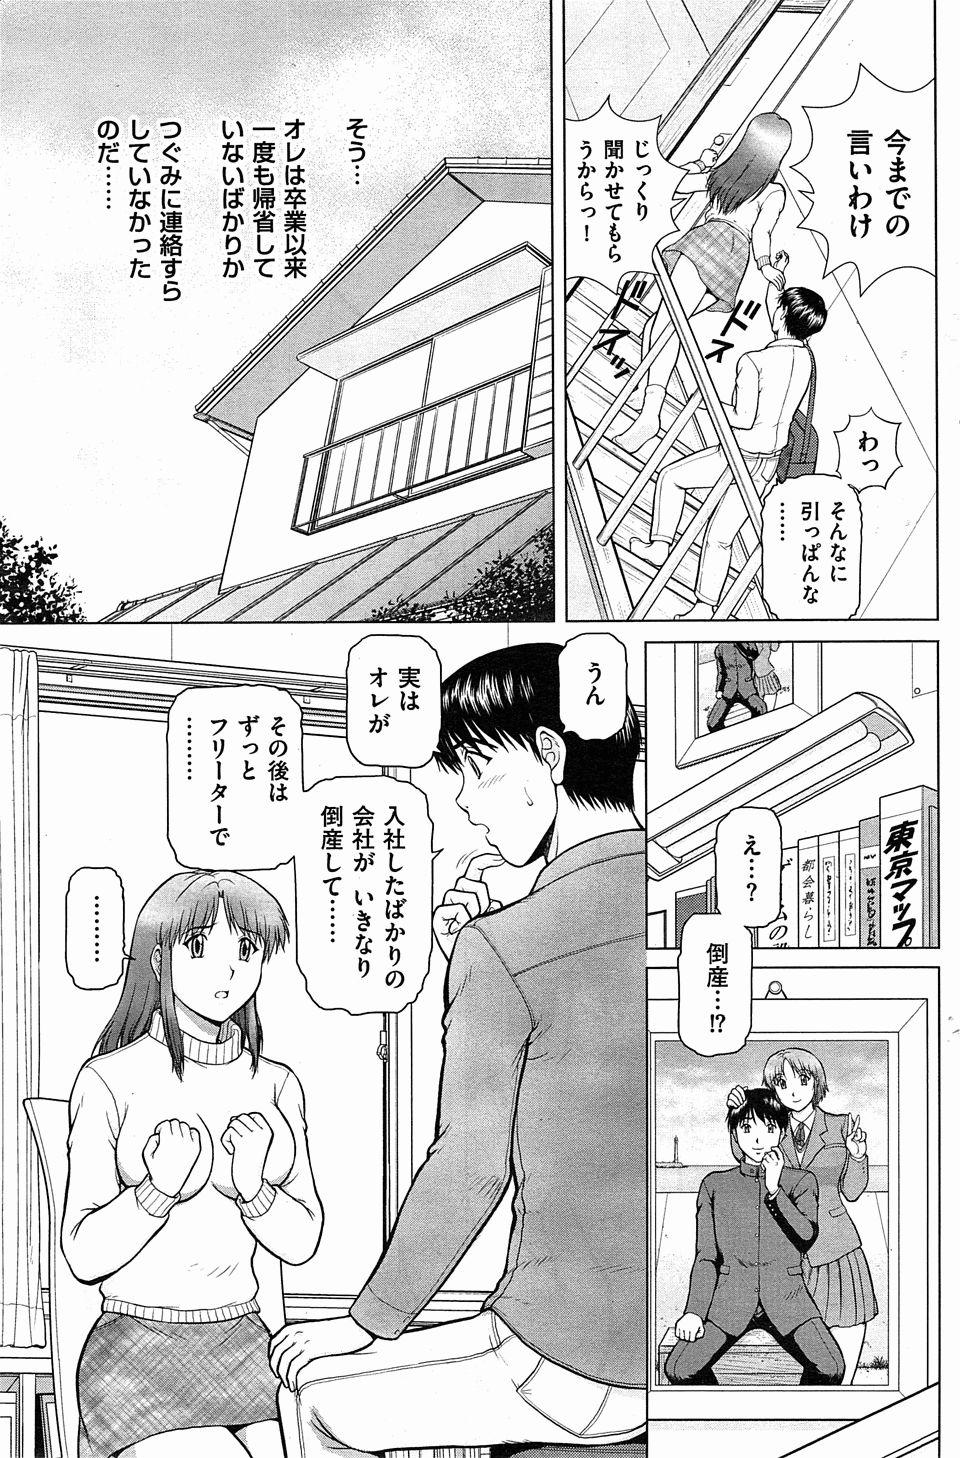 【エロ漫画・エロ同人】久々に田舎に帰って巨乳のイトコとセックスwww (7)